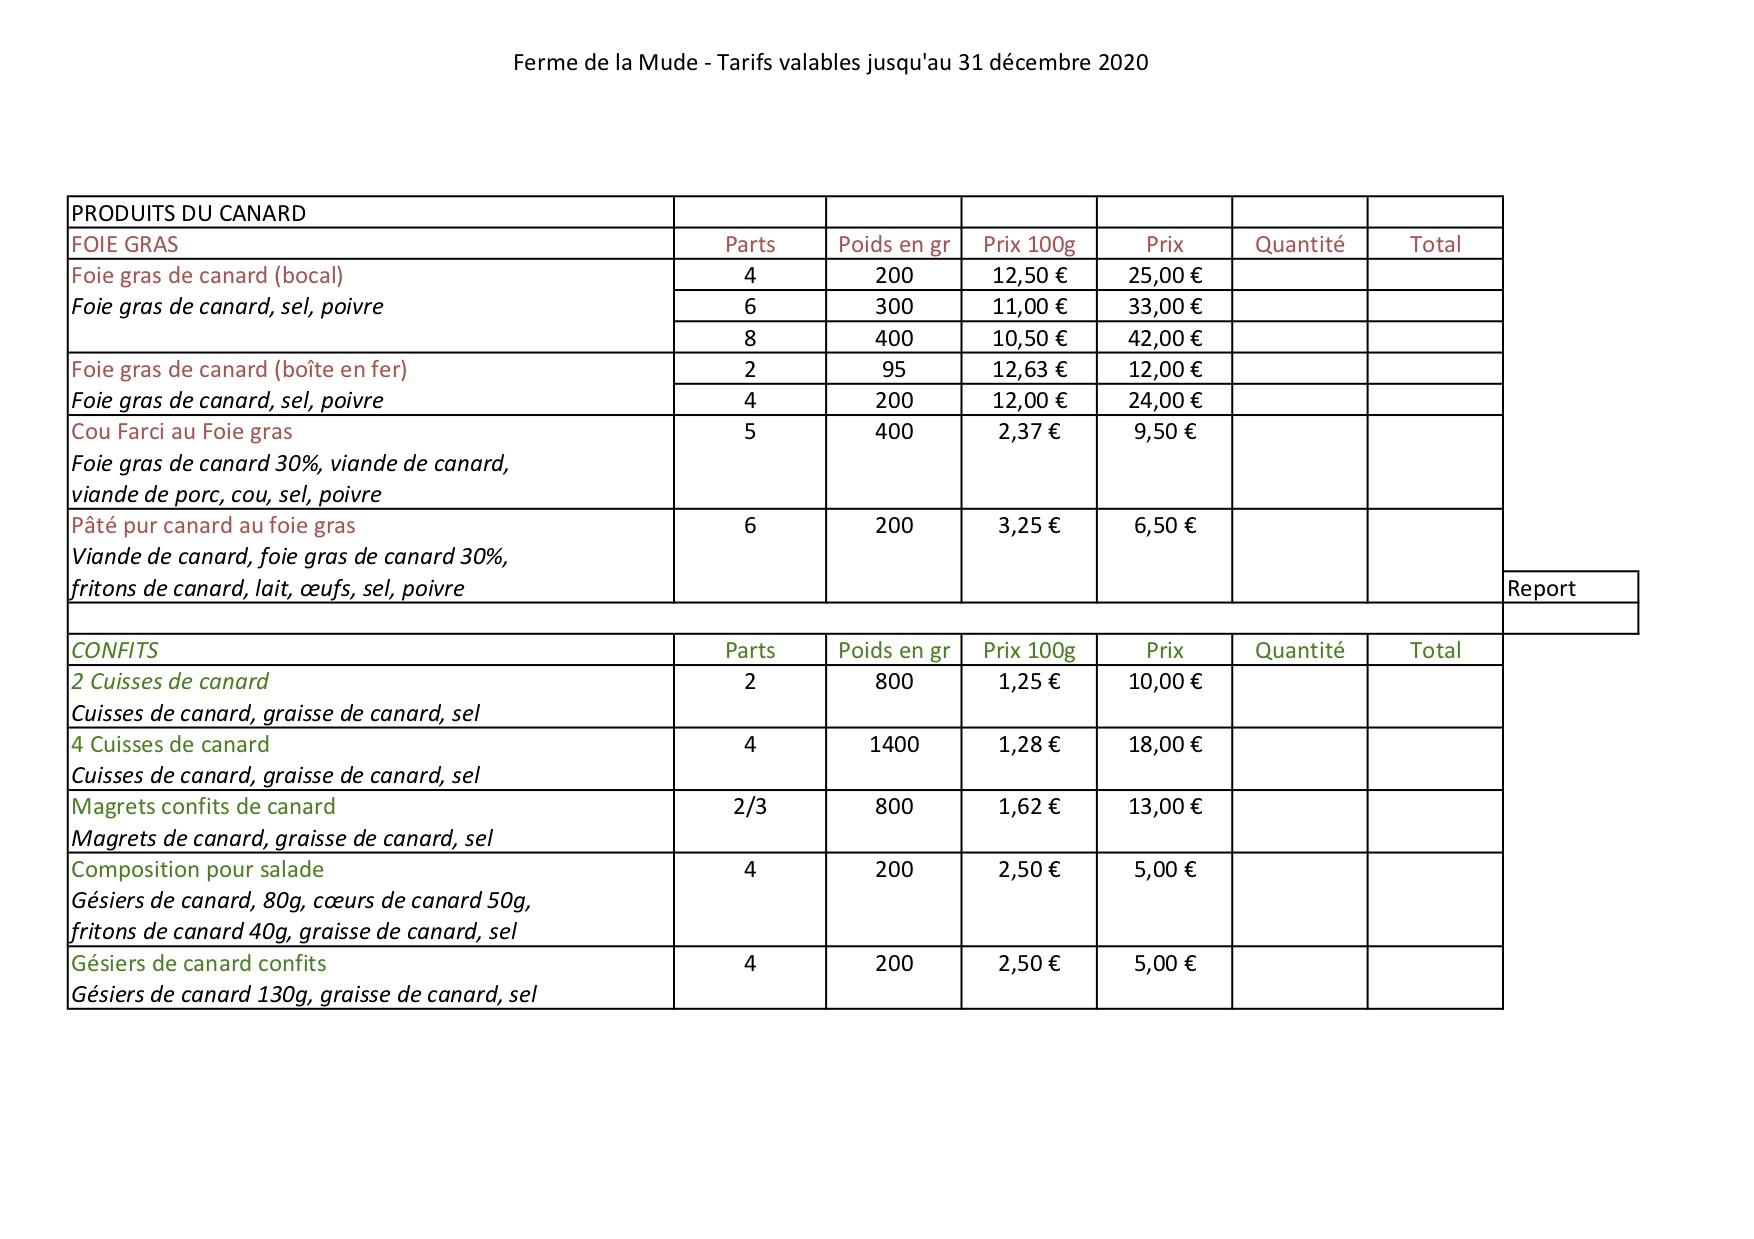 prix-ferme-de-la-mude2020v2-xlsx-glissees